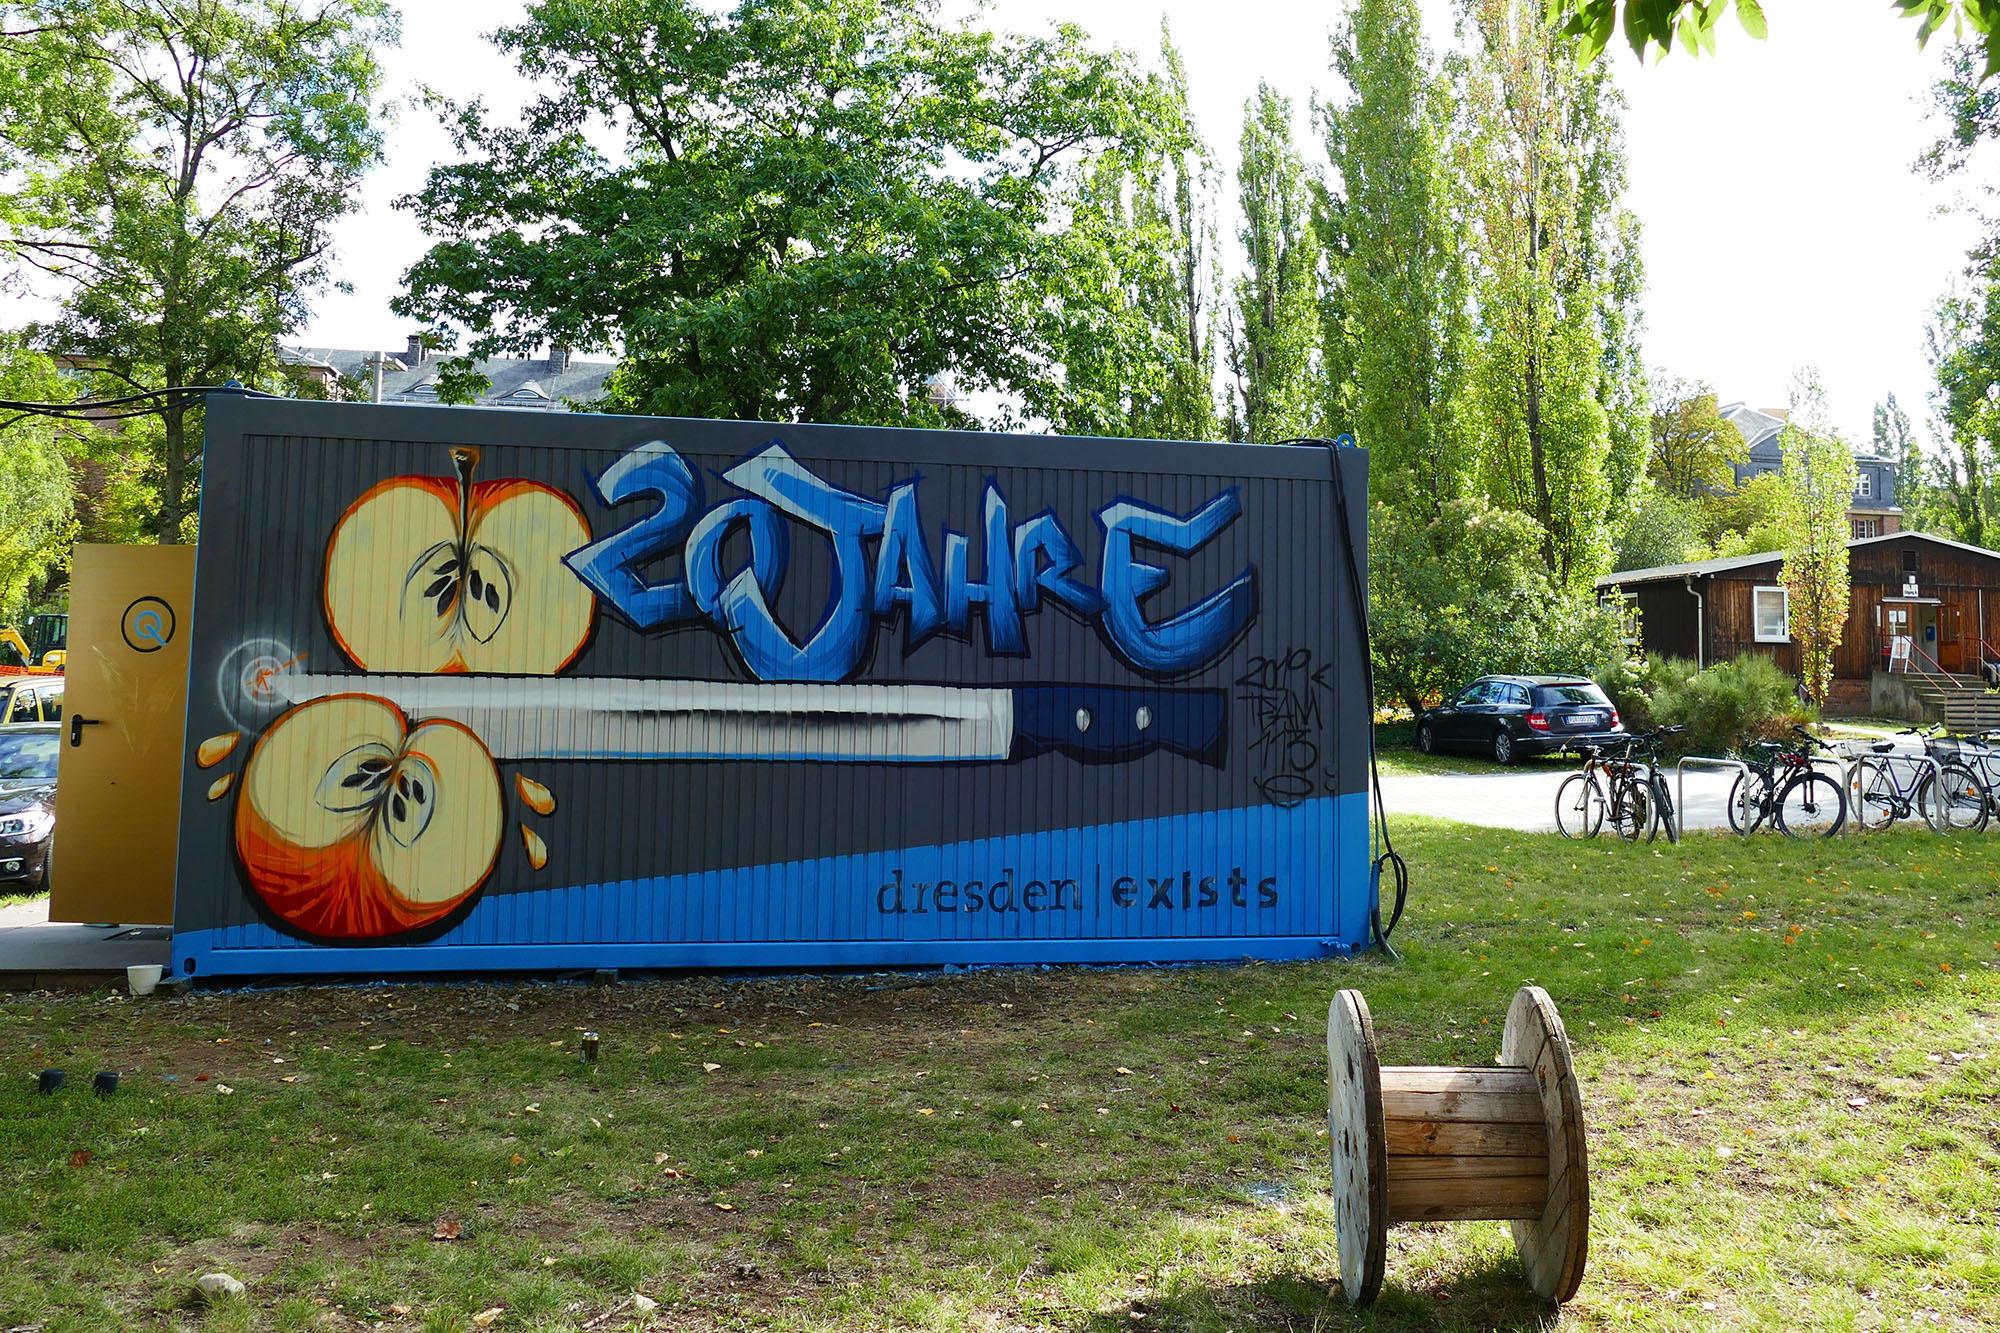 ein Baucontainer mit Grafitti 20 jahre dresden exists